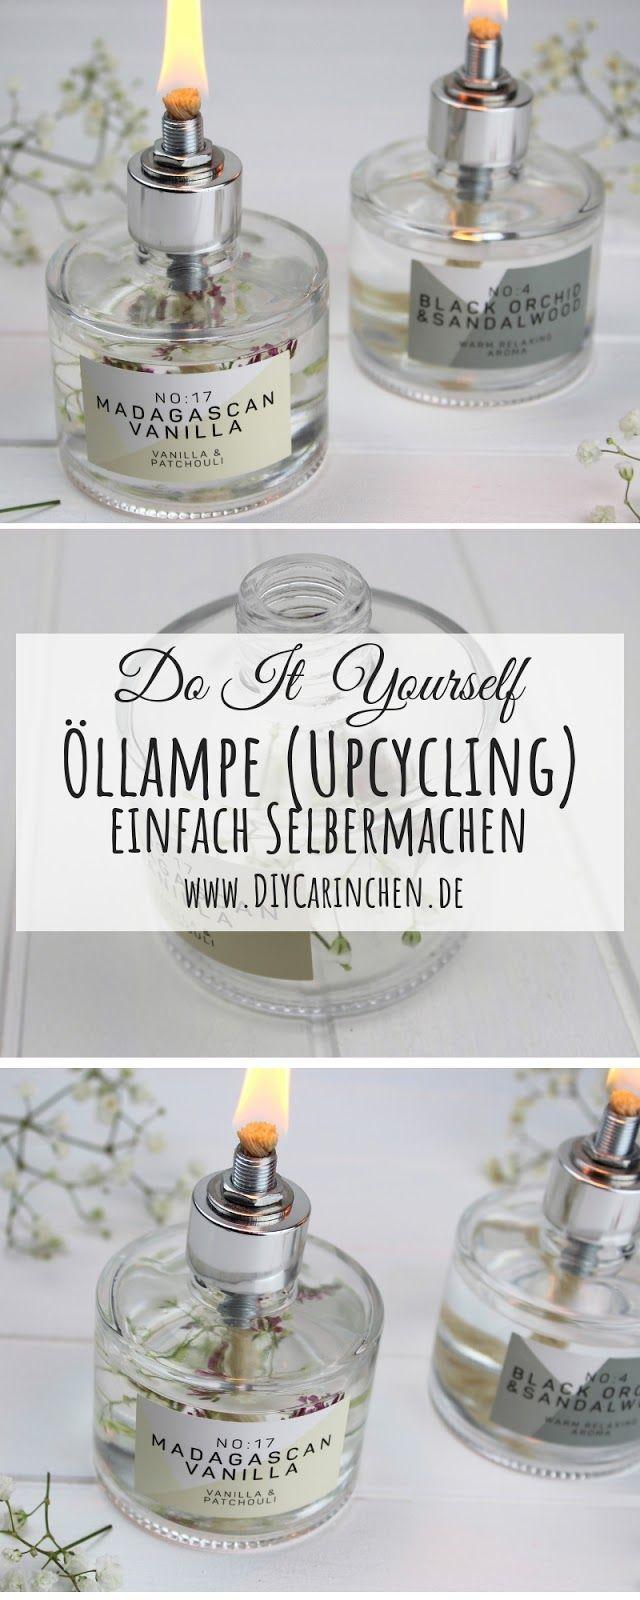 DIY - Öllampen einfach selber machen / bauen - gemütliche Gartendeko #gartendekoselbermachen